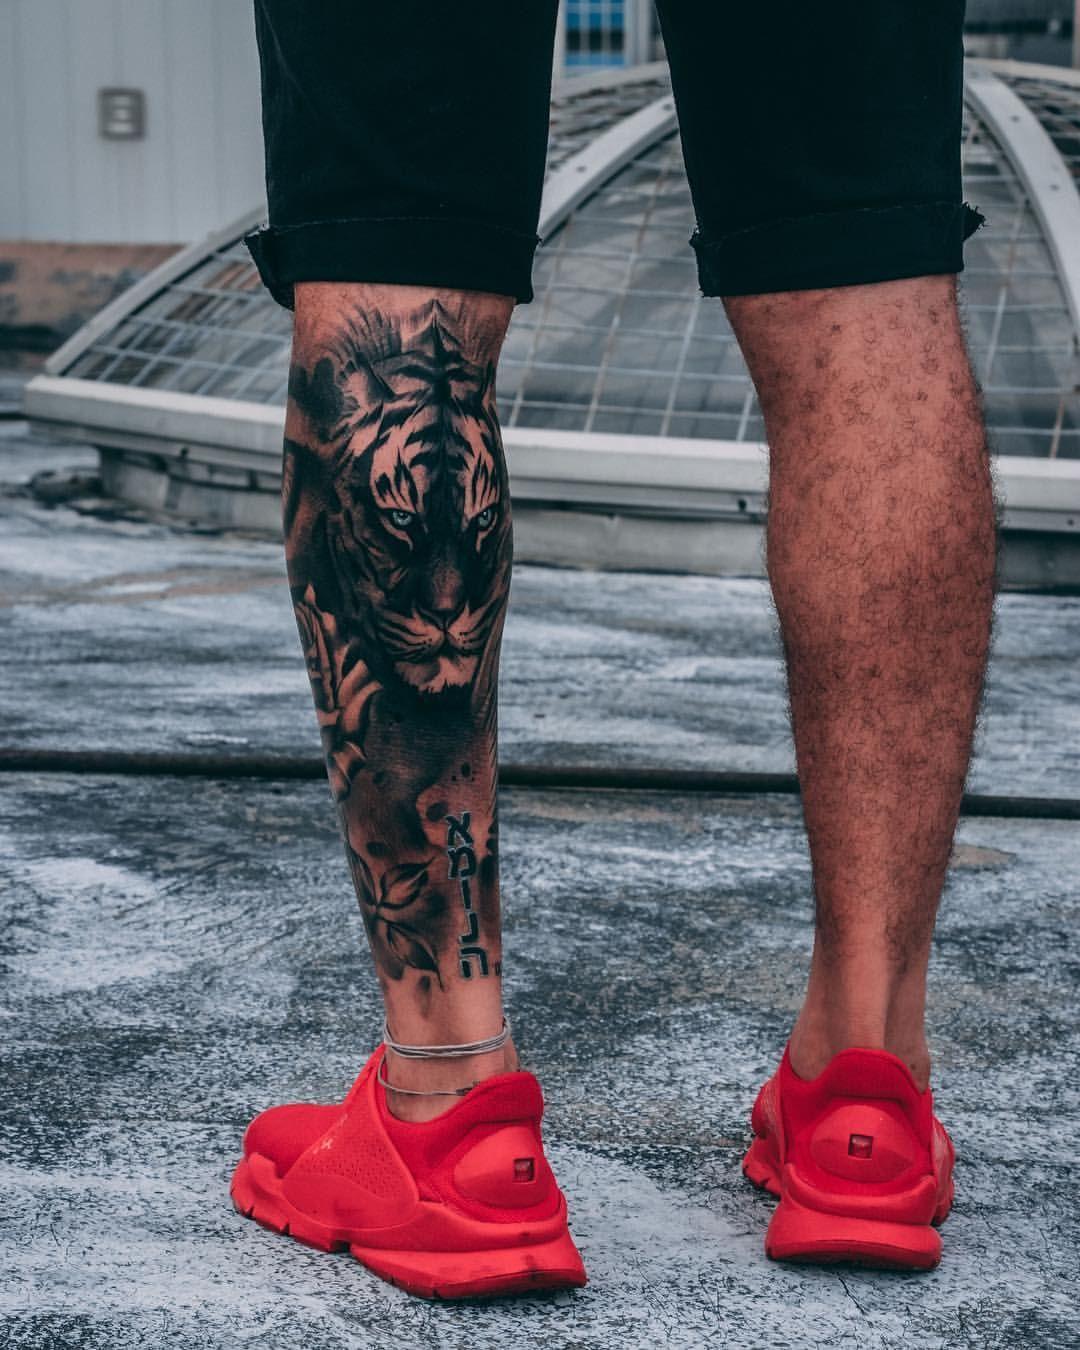 big shoutout too my tattoo artist @tattoo.sal ! give him a follow